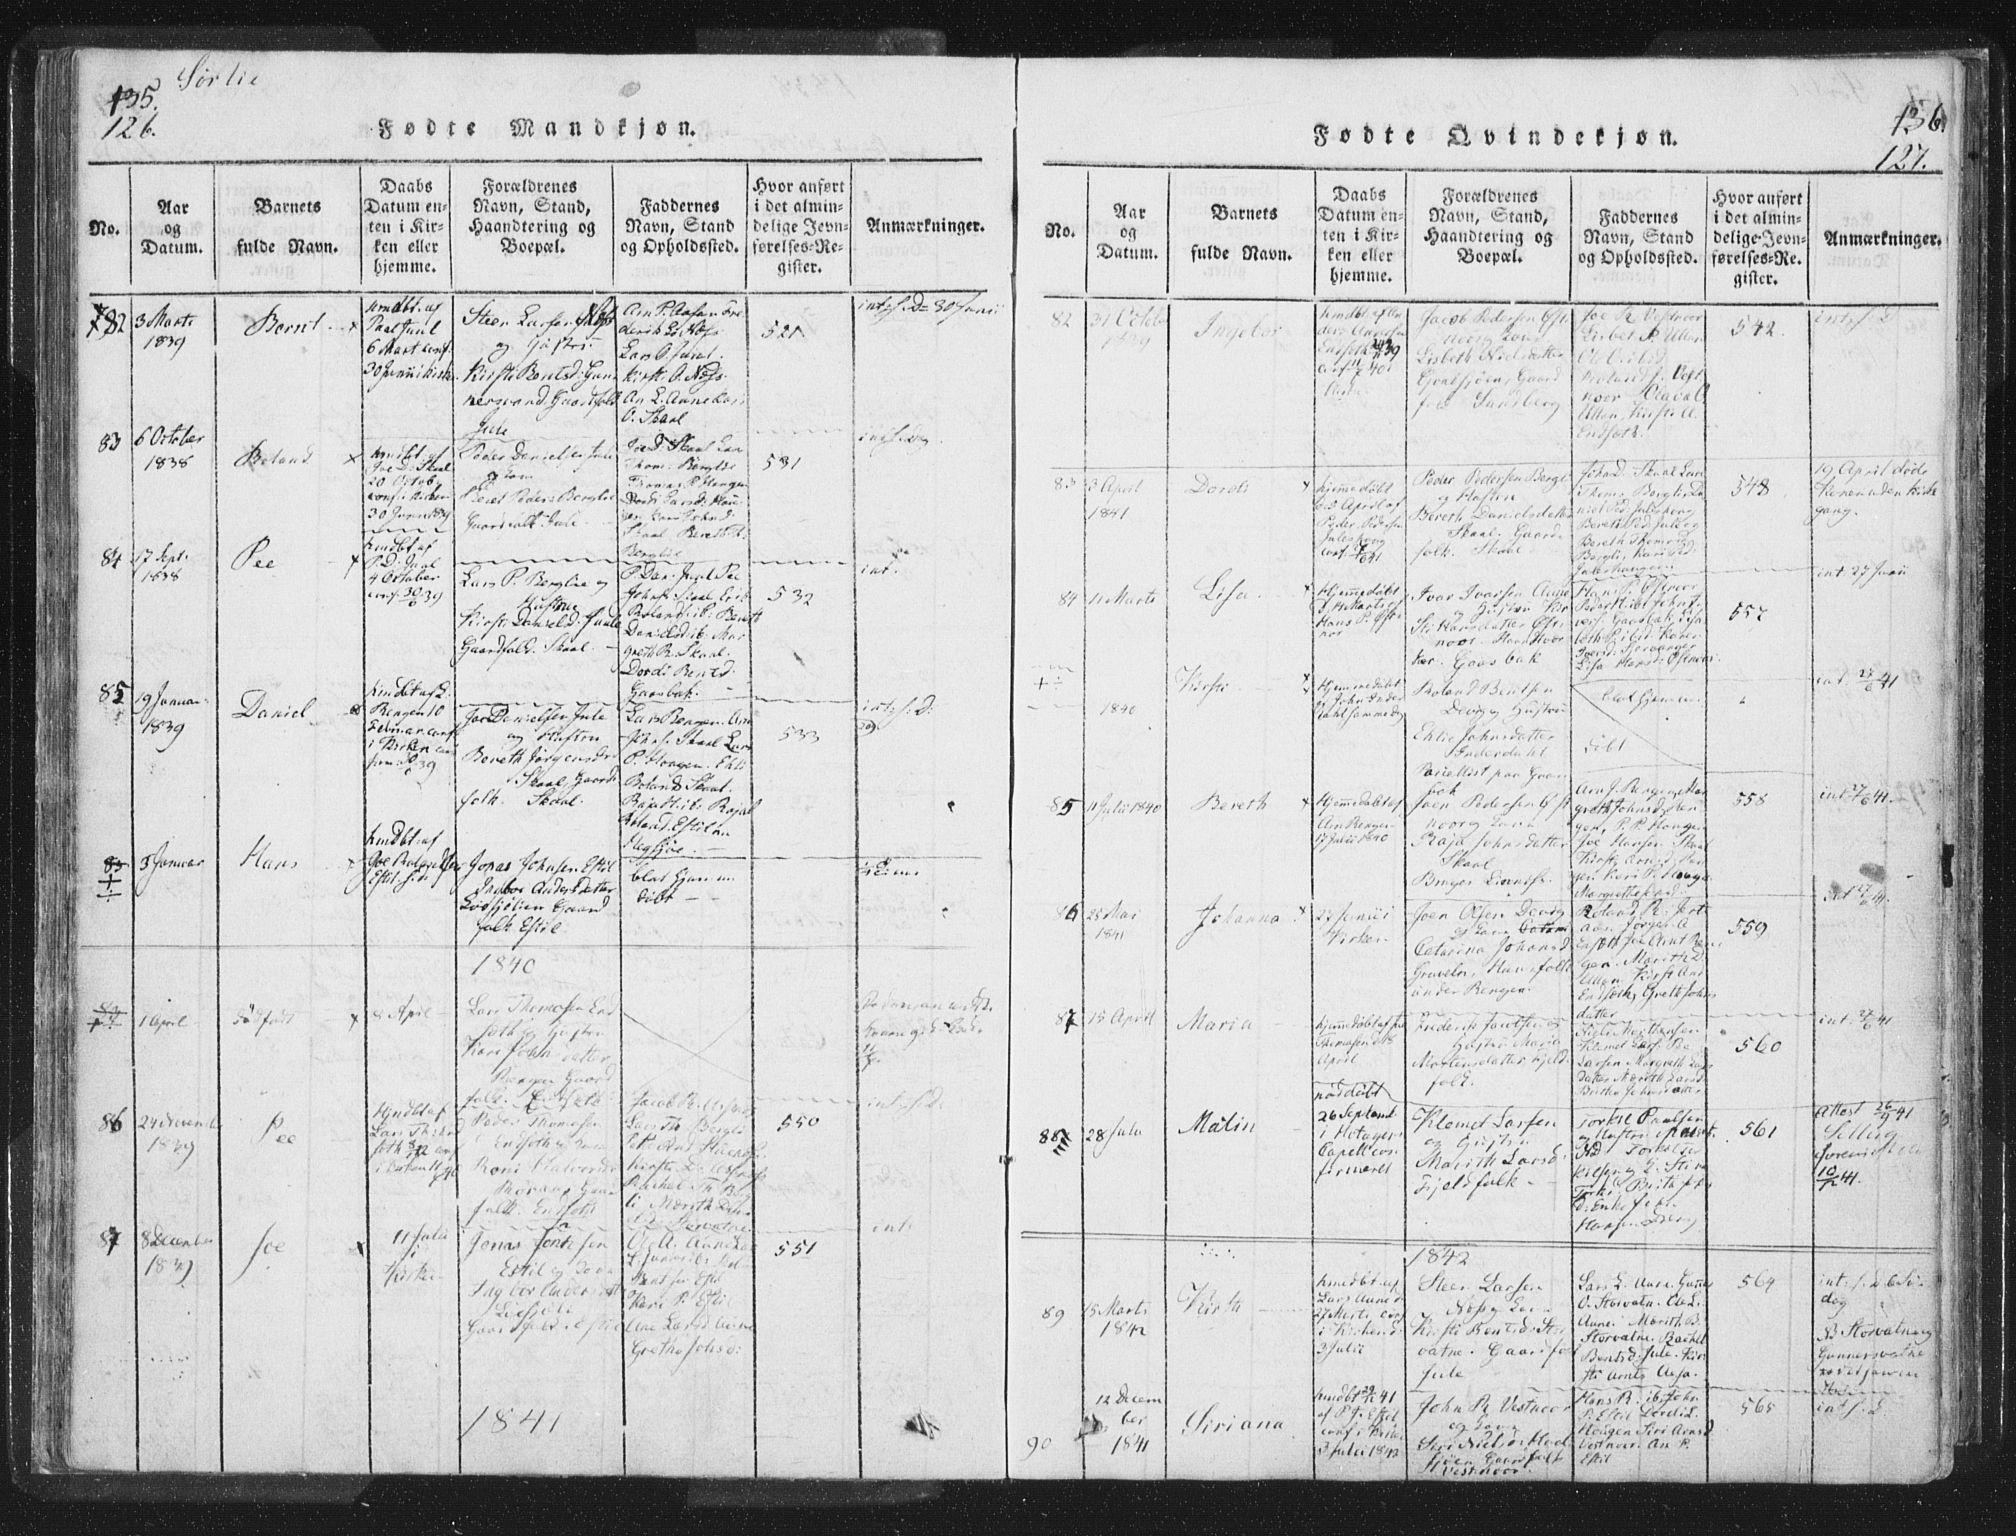 SAT, Ministerialprotokoller, klokkerbøker og fødselsregistre - Nord-Trøndelag, 755/L0491: Ministerialbok nr. 755A01 /2, 1817-1864, s. 126-127